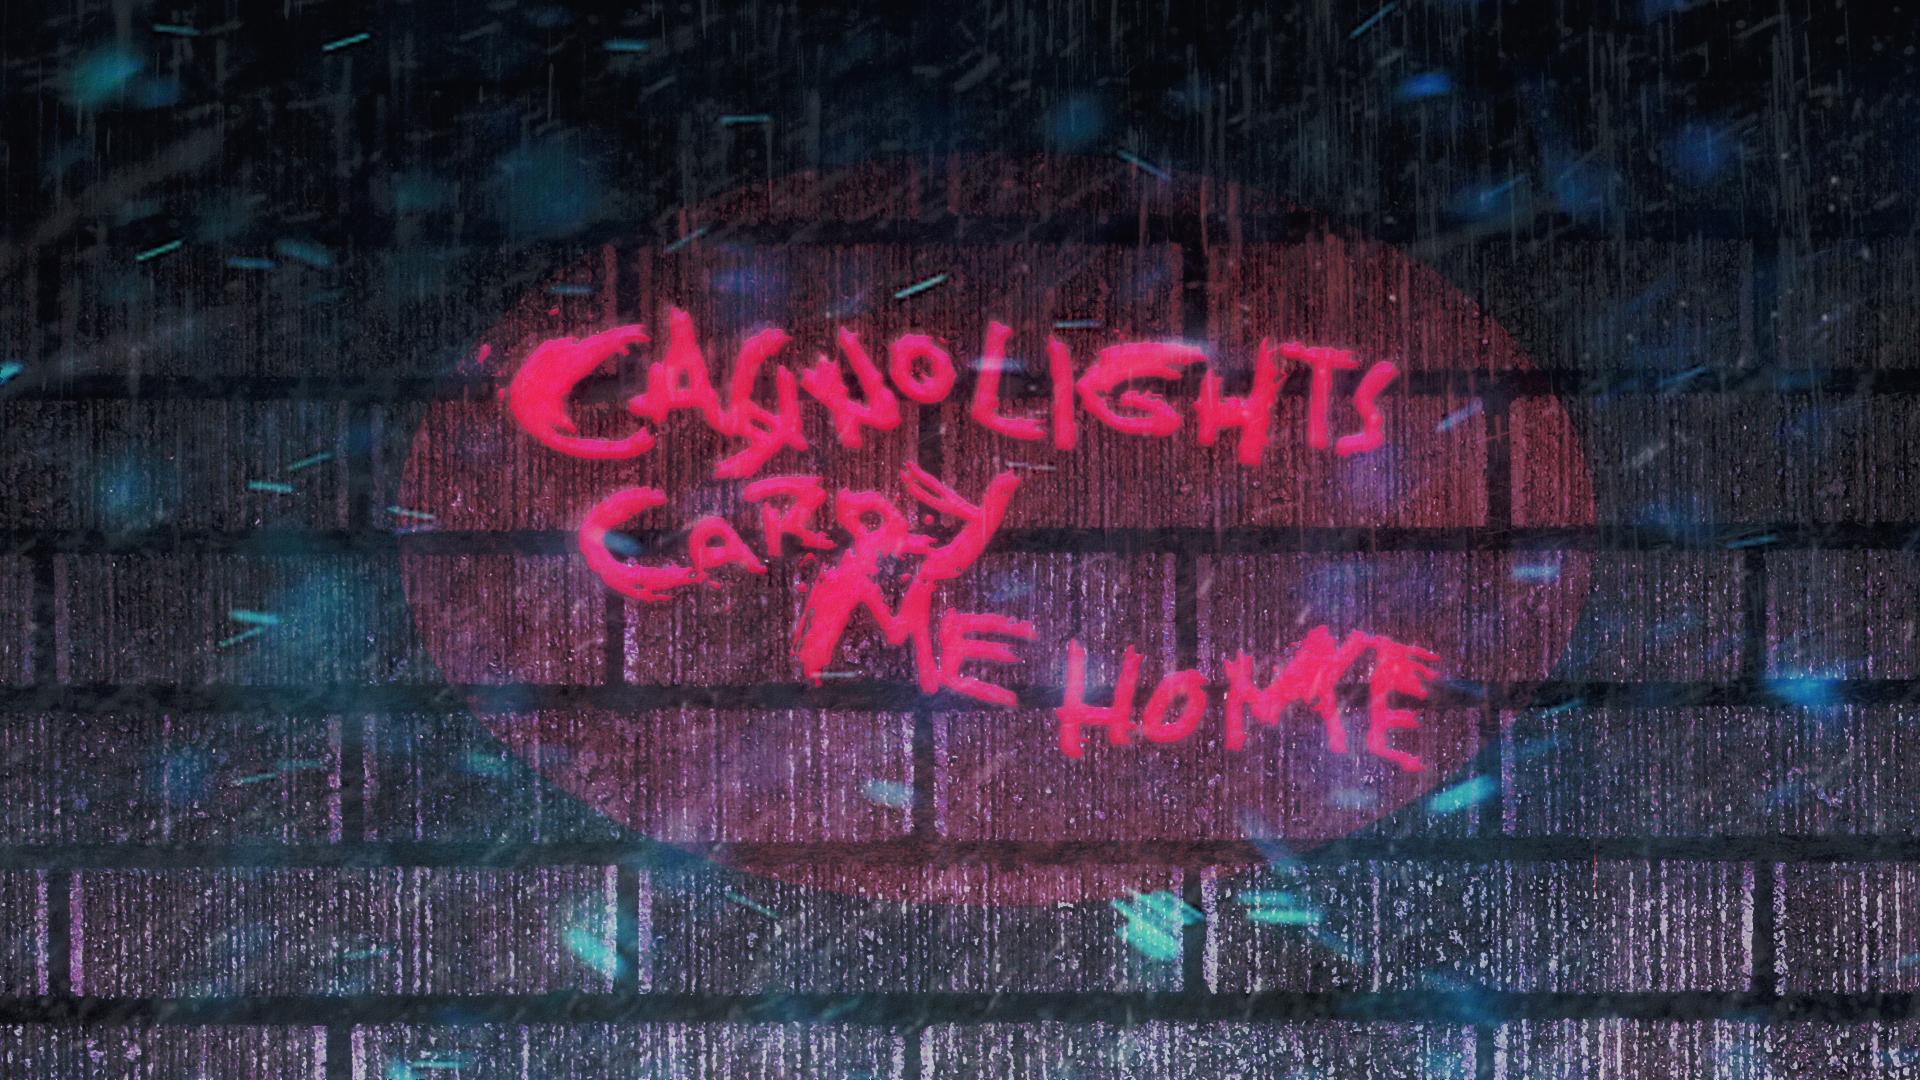 CASINO LIGHTS, CARRY ME HOME